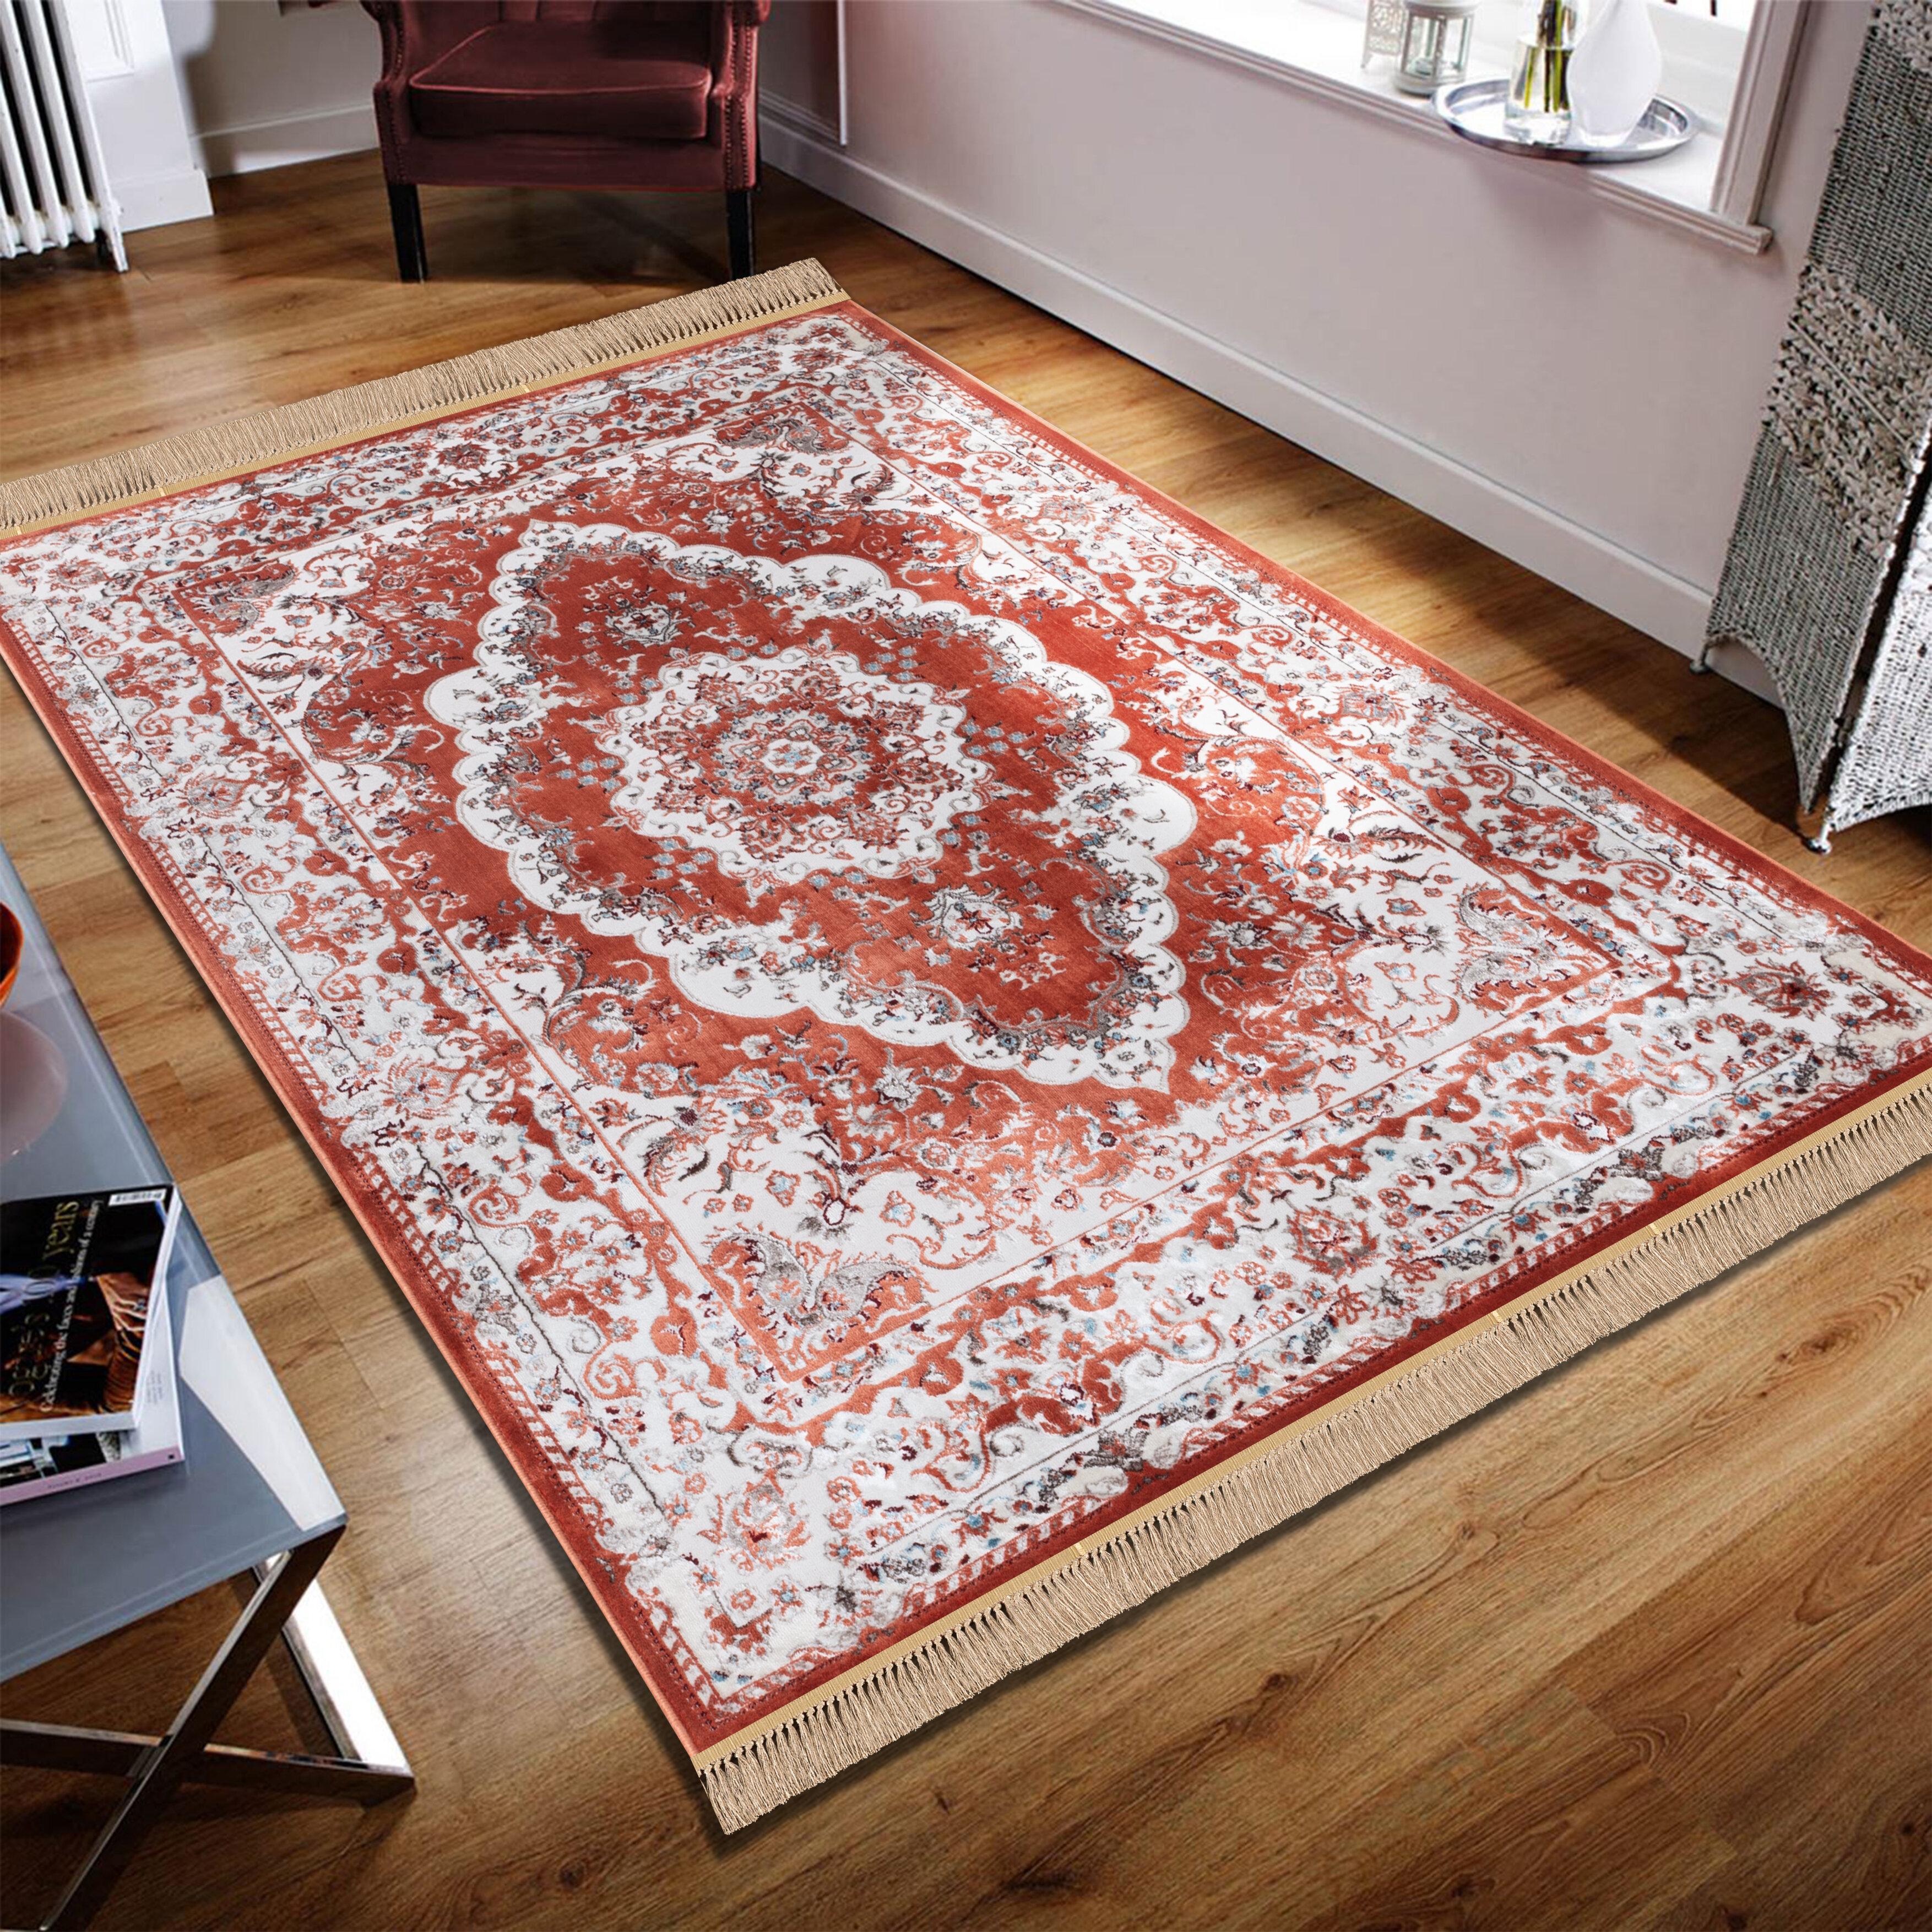 Tapis Salon Couleur Rouille tapis rouille/ivoire traditionnel oriental à franges throggs